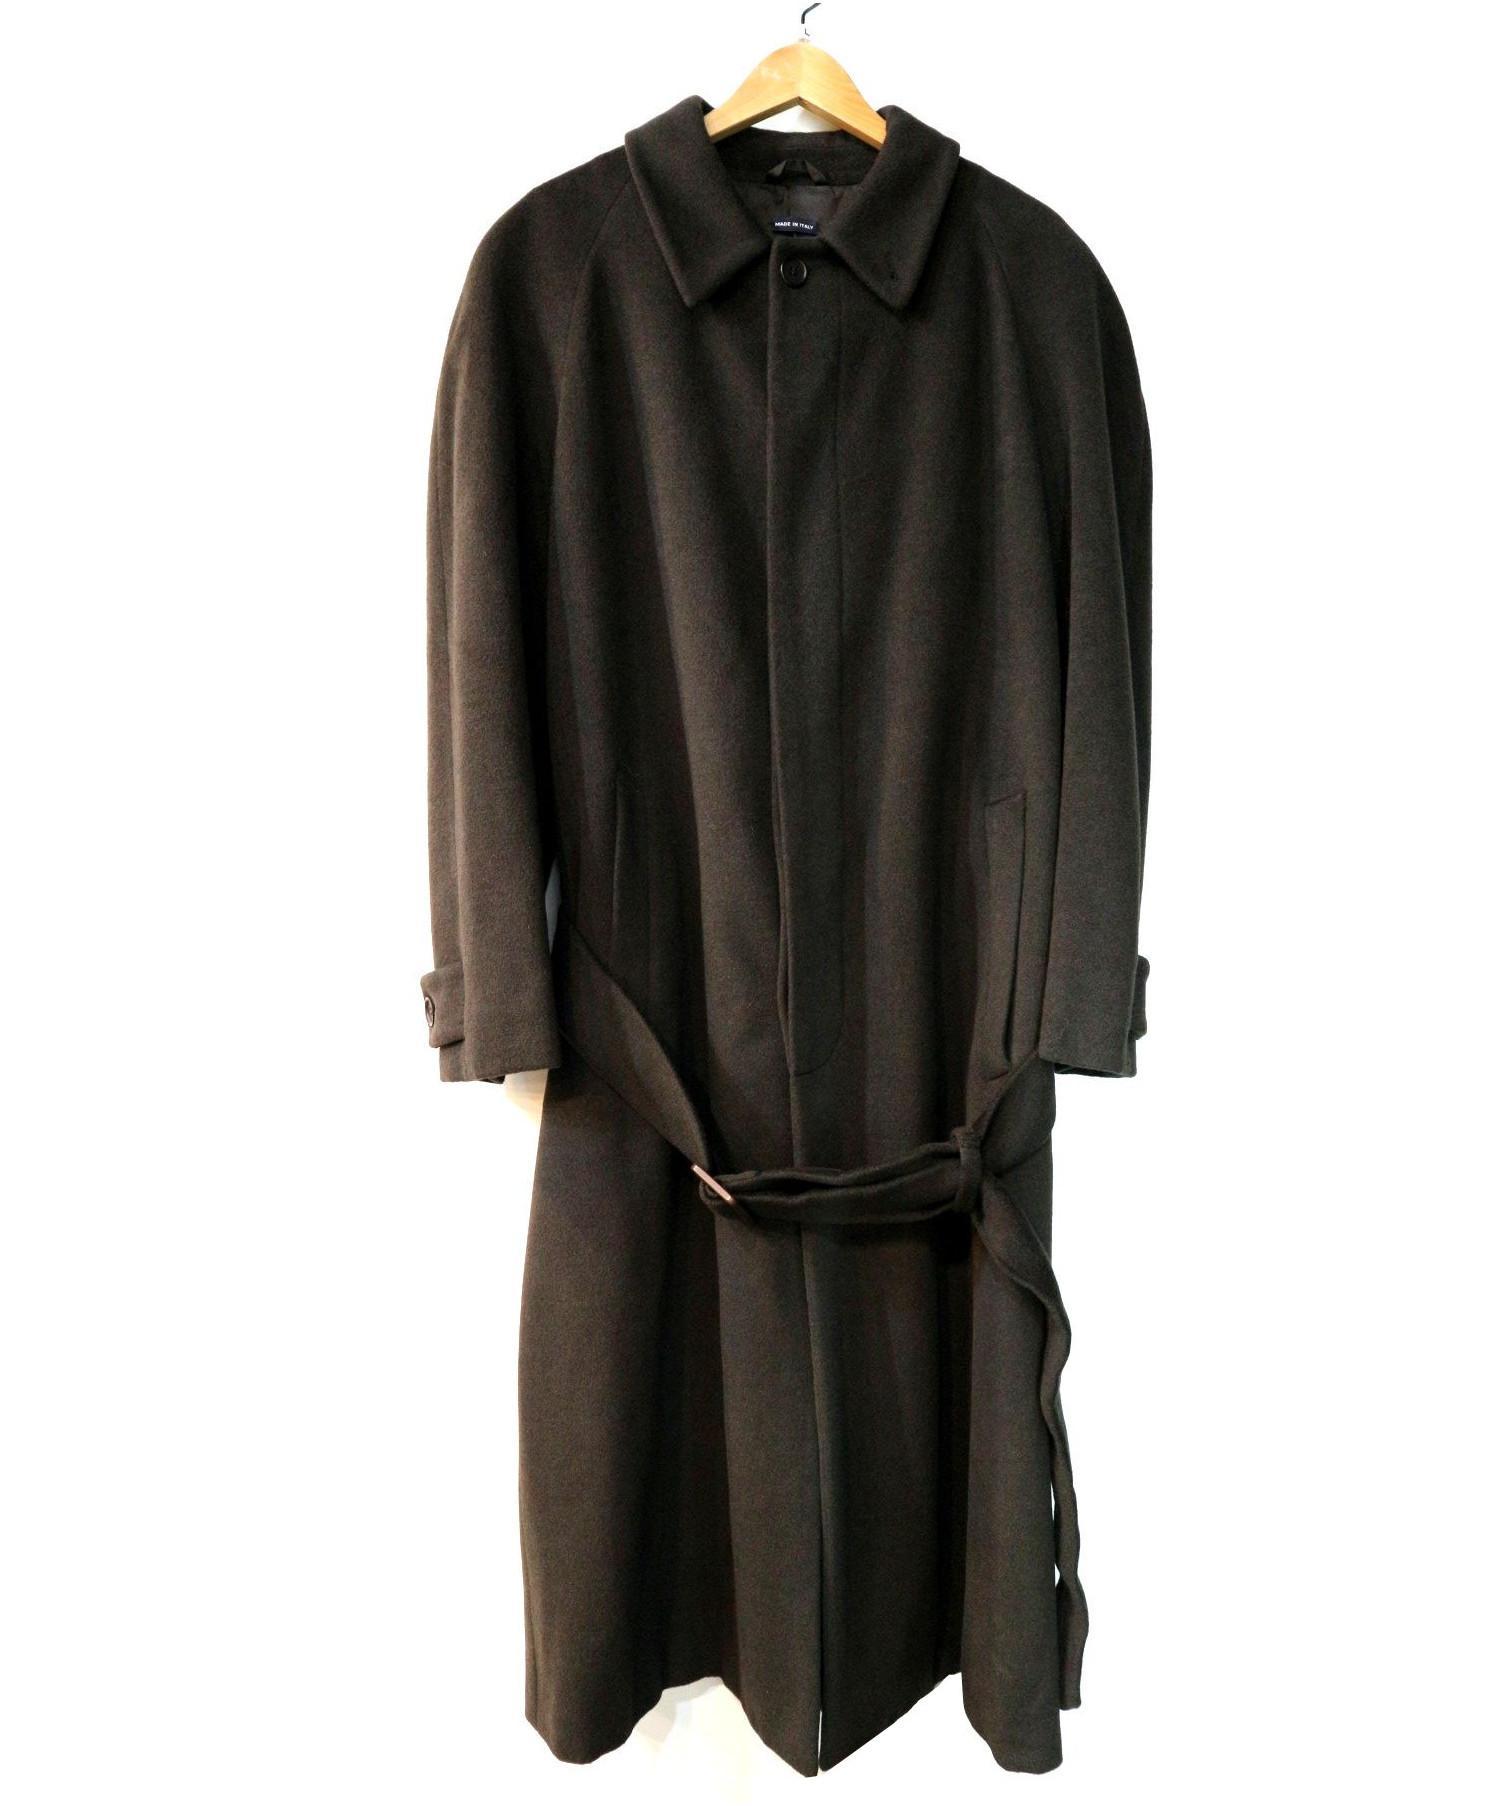 online store 18b06 ca4ef [中古]GIORGIO ARMANI(ジョルジオアルマーニ)のメンズ アウター・ジャケット アンゴラ混ロングコート